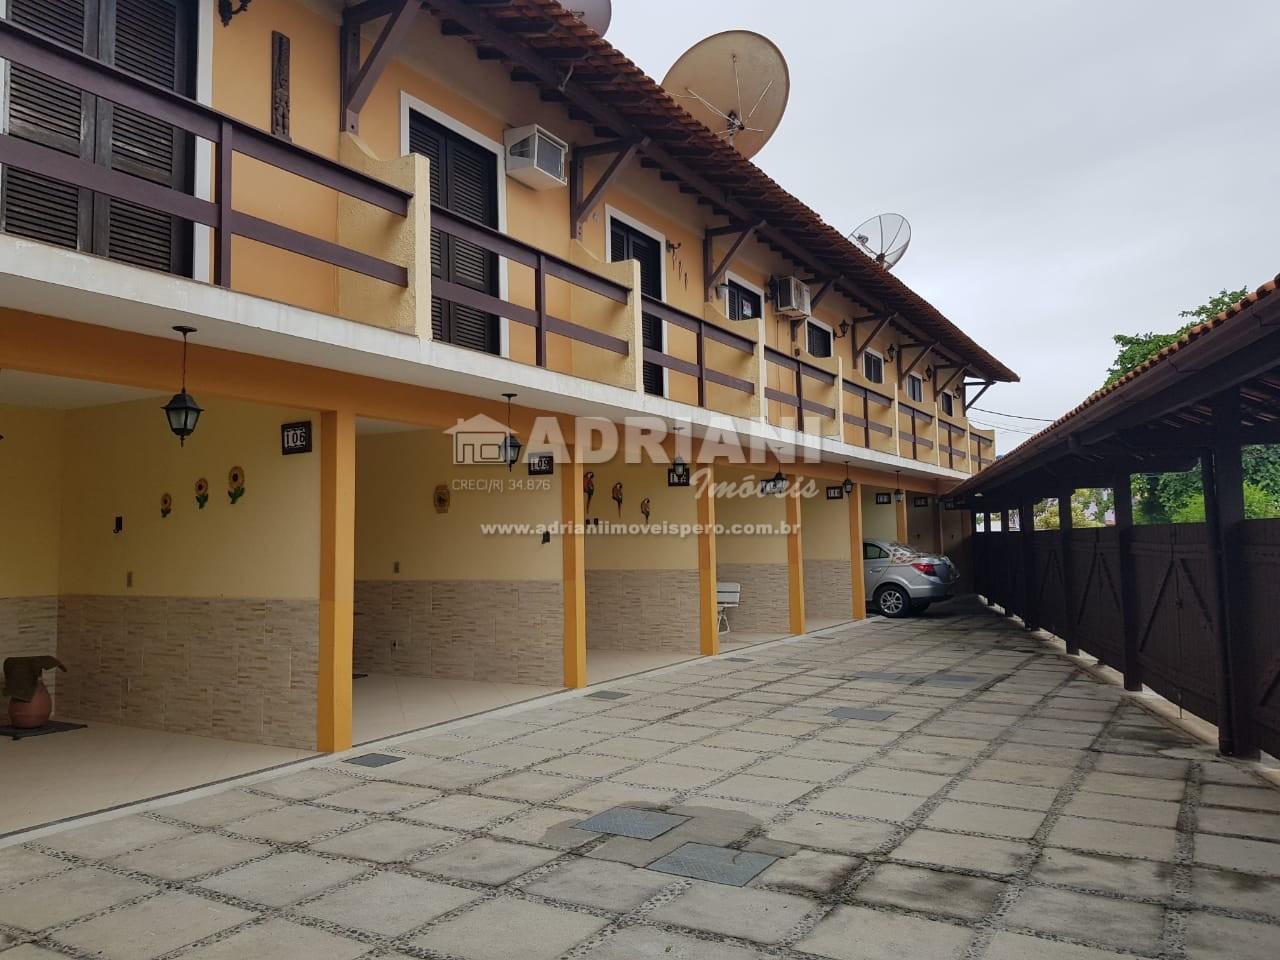 Cód 394 Casa em condomínio, 2 quartos, VENDA, Peró, Cabo Frio – RJ